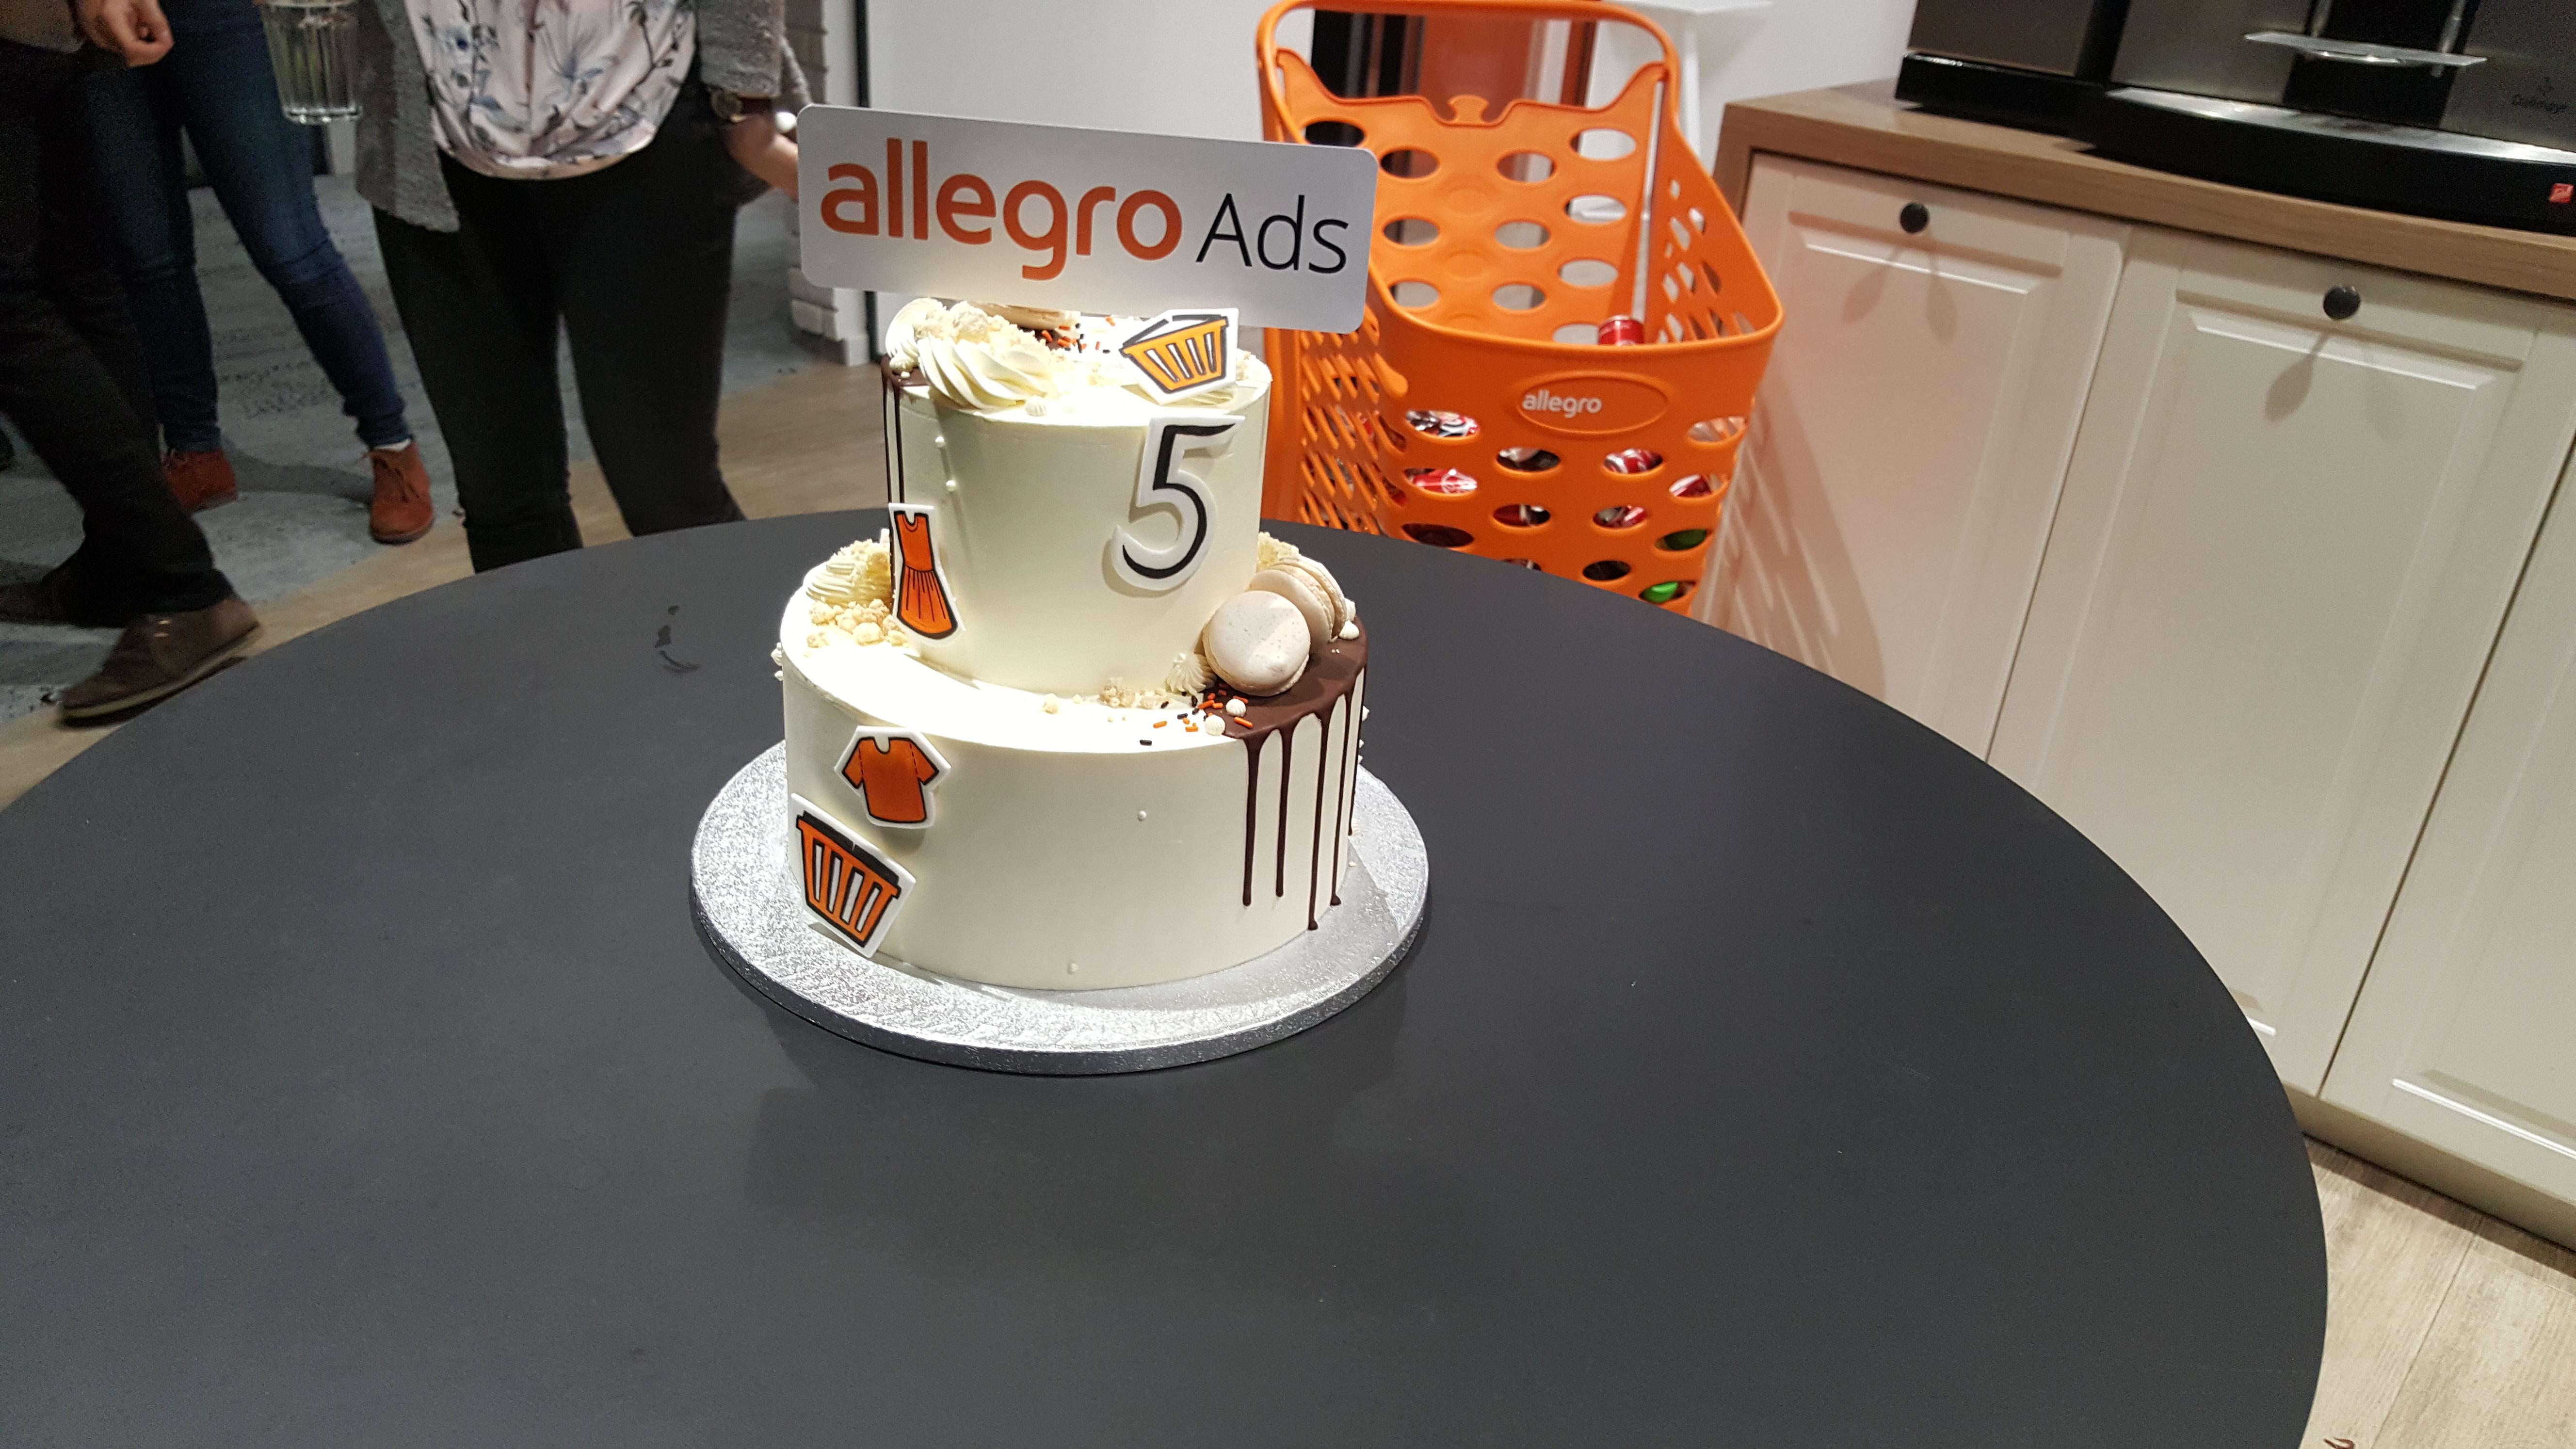 Allegro Ads Talk 5 urodziny